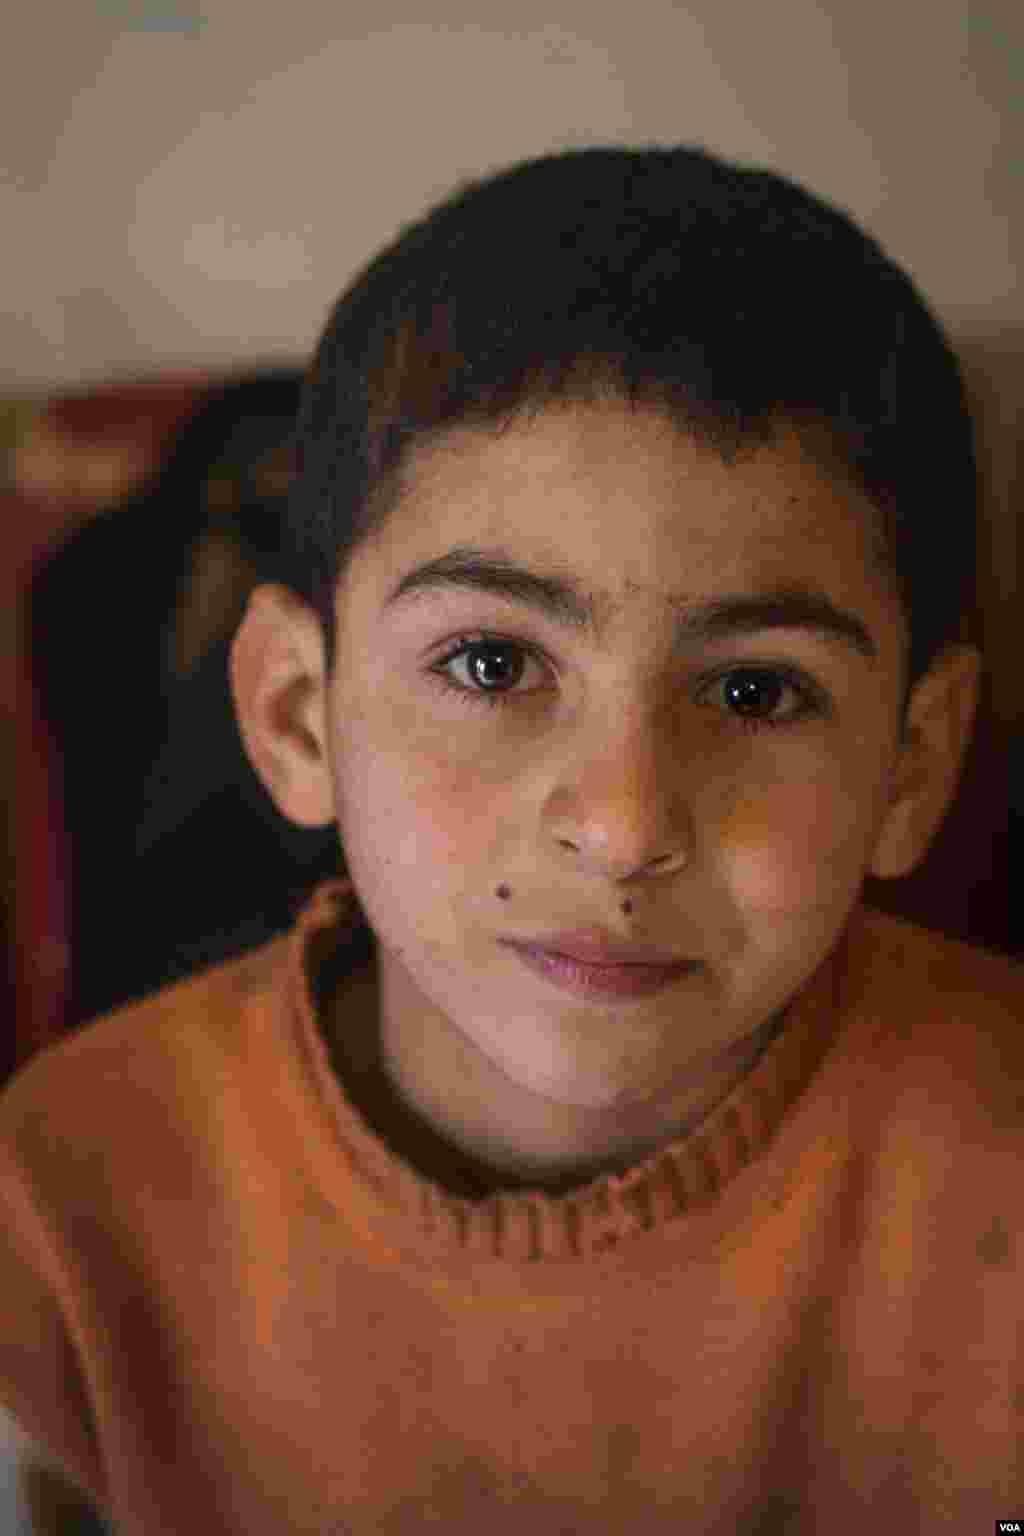 Hamad, 10, yang mengungsi dari Suriah tiga tahun lalu bersama keluarganya. Ia mengatakan bangga dapat membantu keuangan keluarganya. (VOA/John Owens)